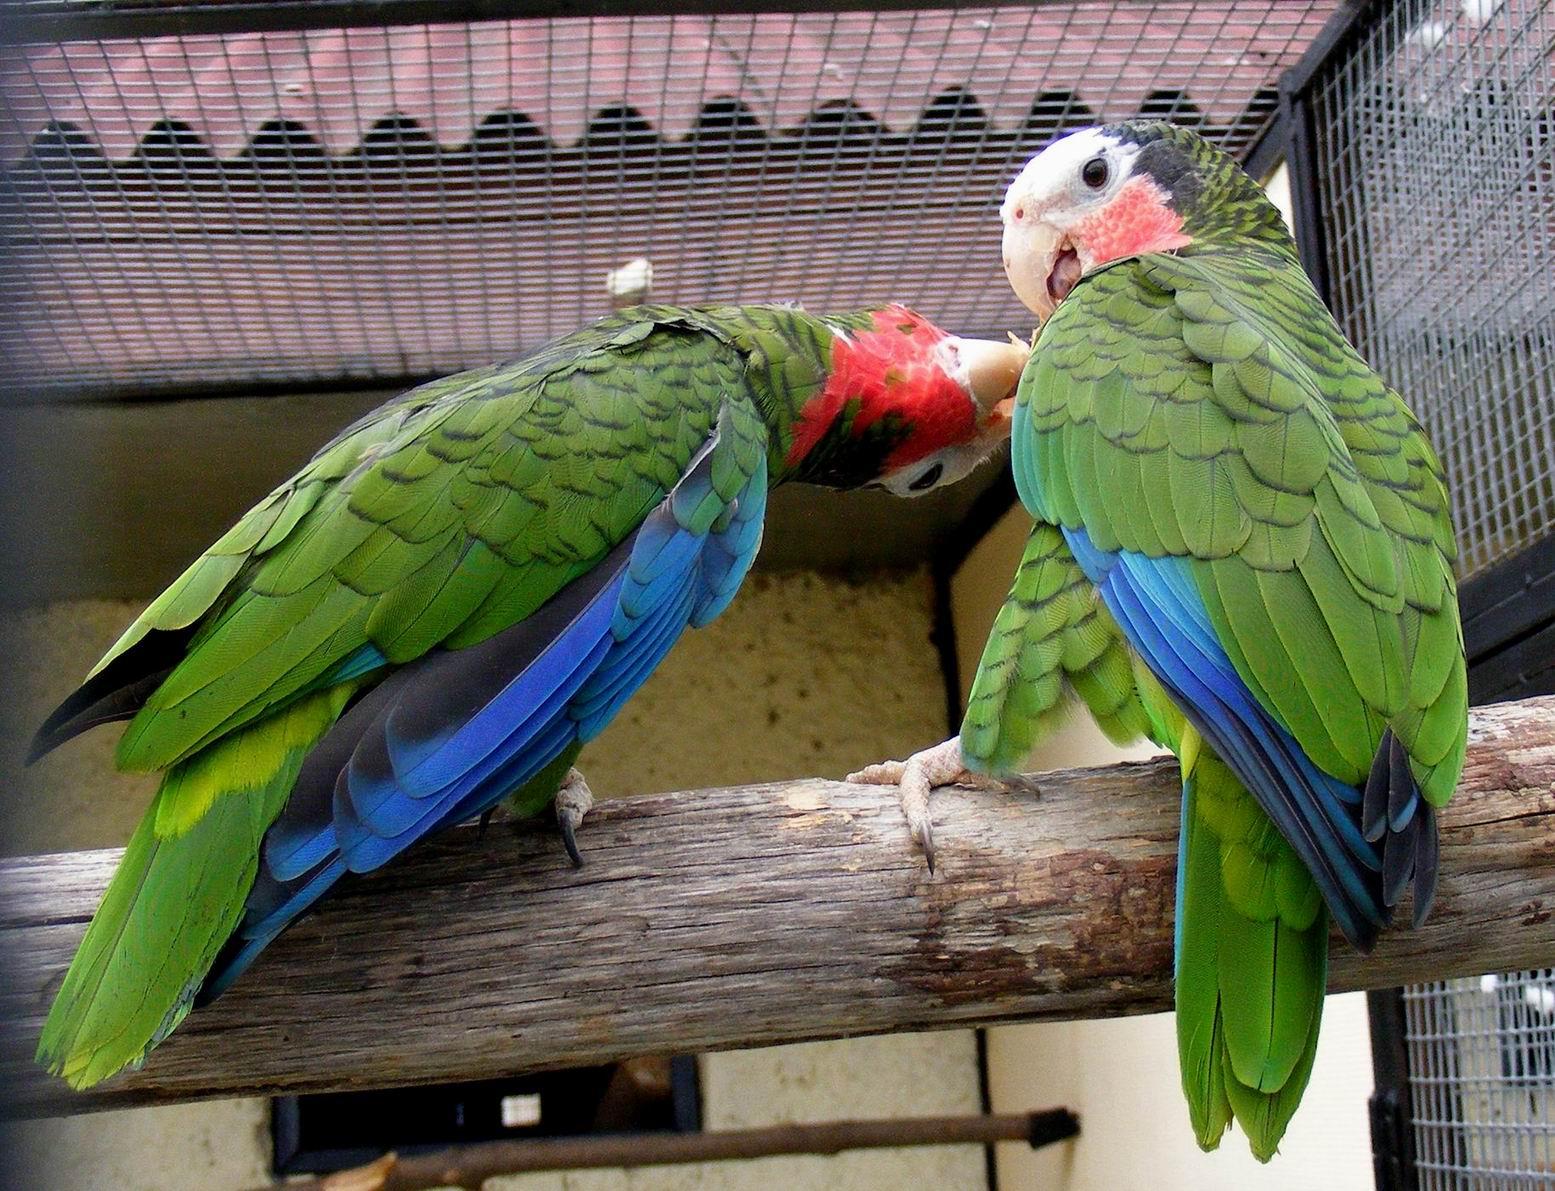 Амазоны, возможно - кубинские. Парк птиц 'Воробьи'